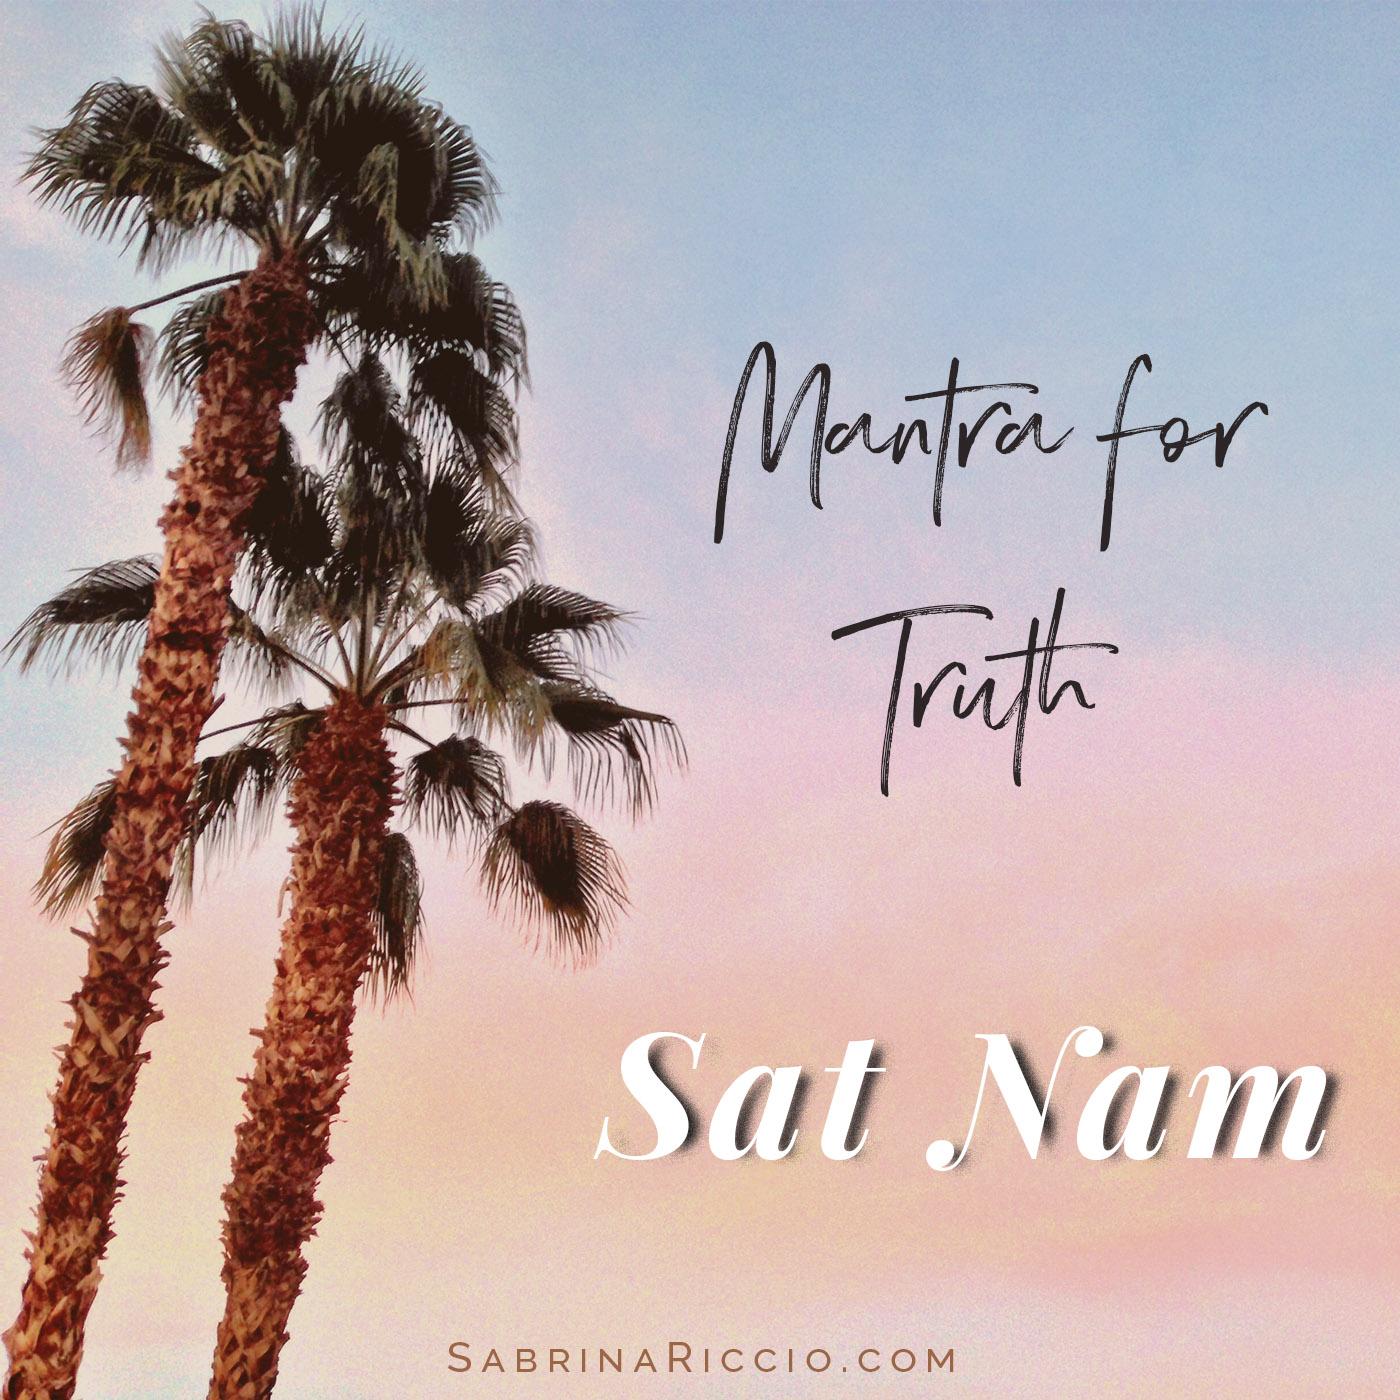 Sat Nam   Mantra for Truth   SabrinaRiccio.com